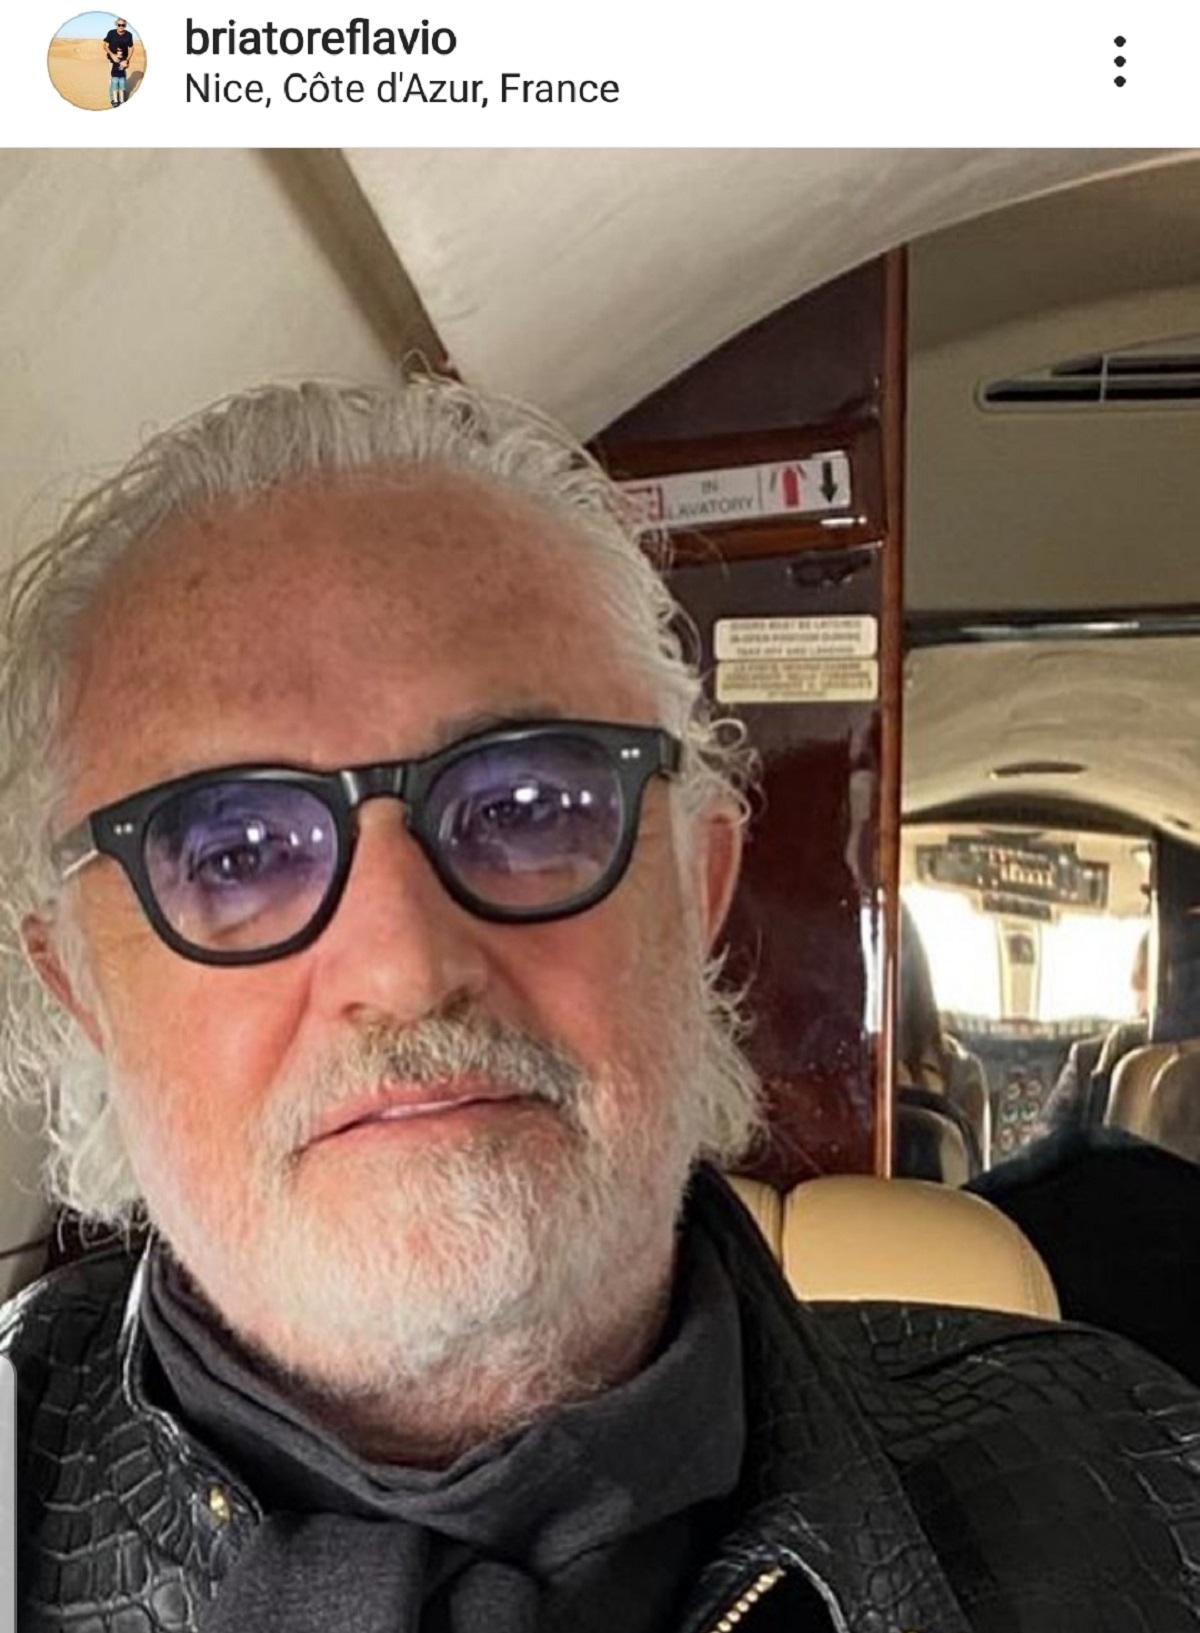 nuovo look per Briatore